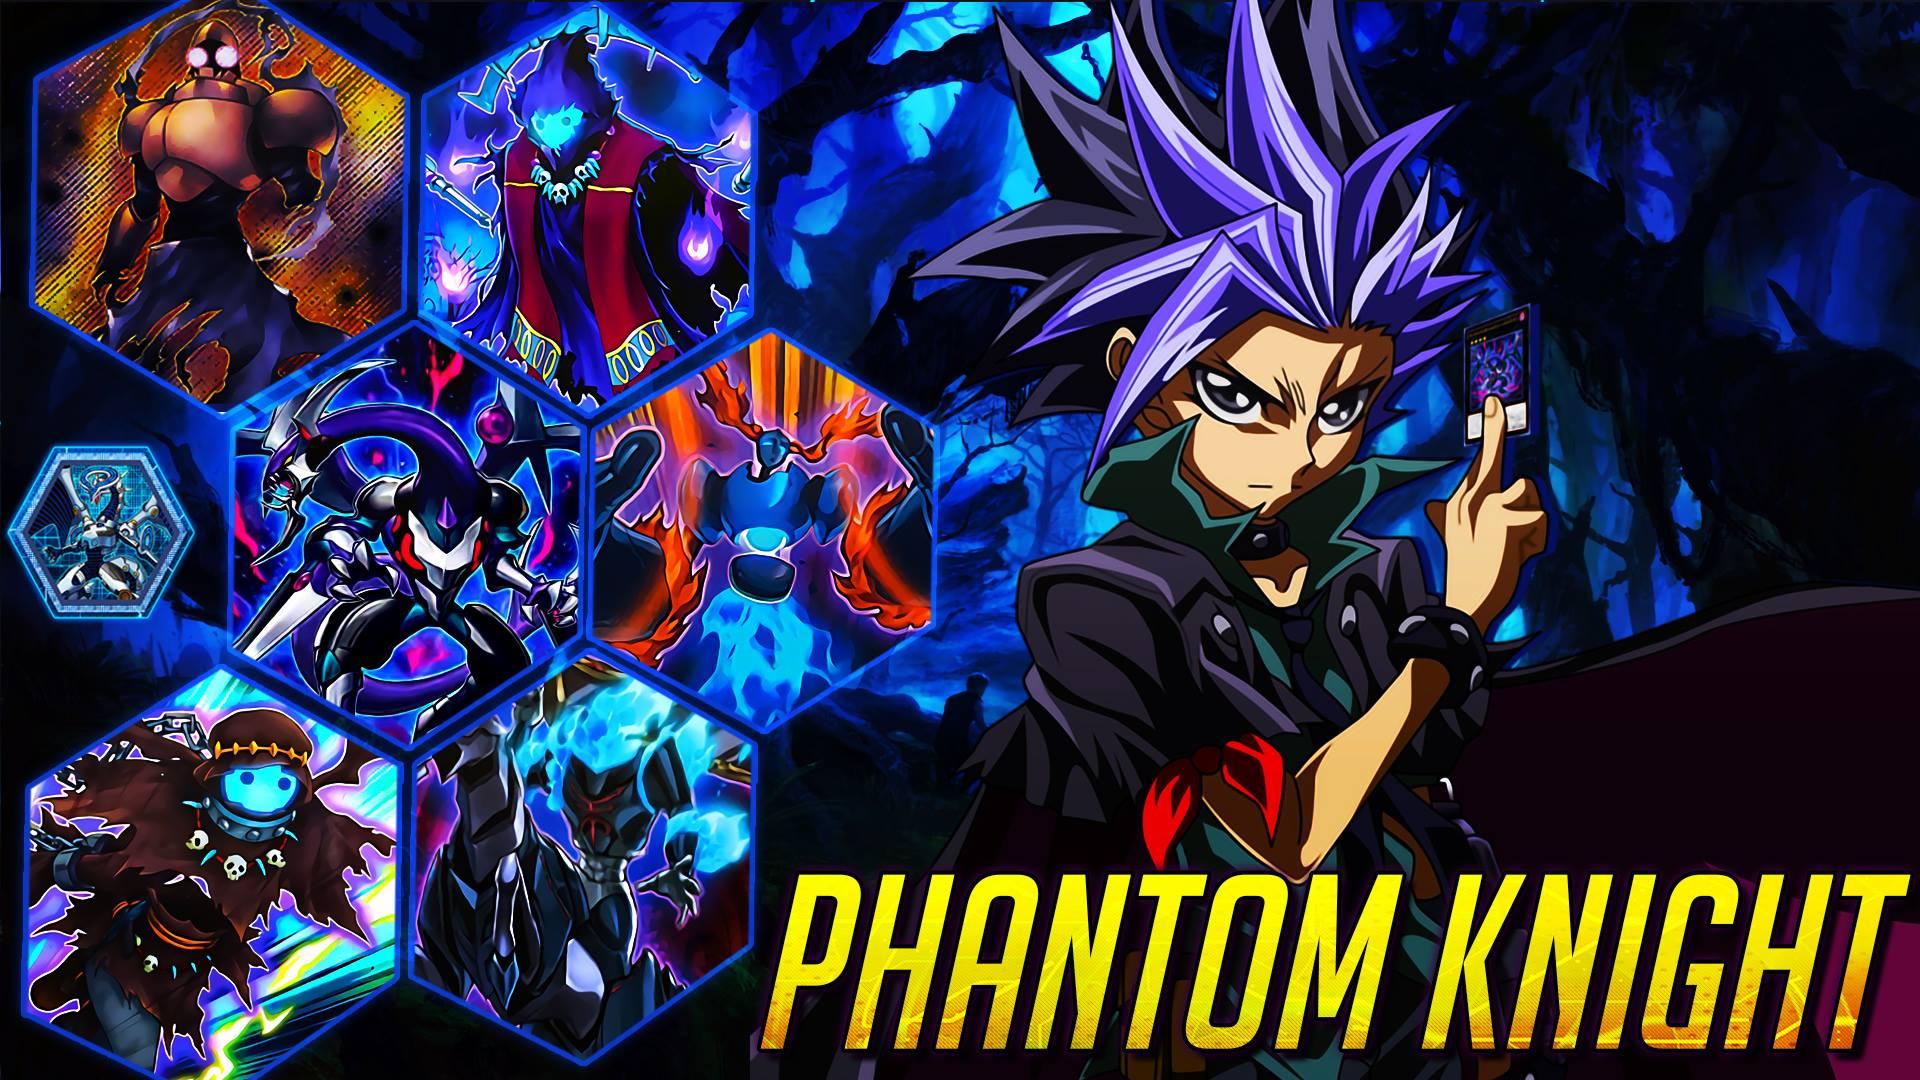 Phantom Knight By Marth951 On Deviantart